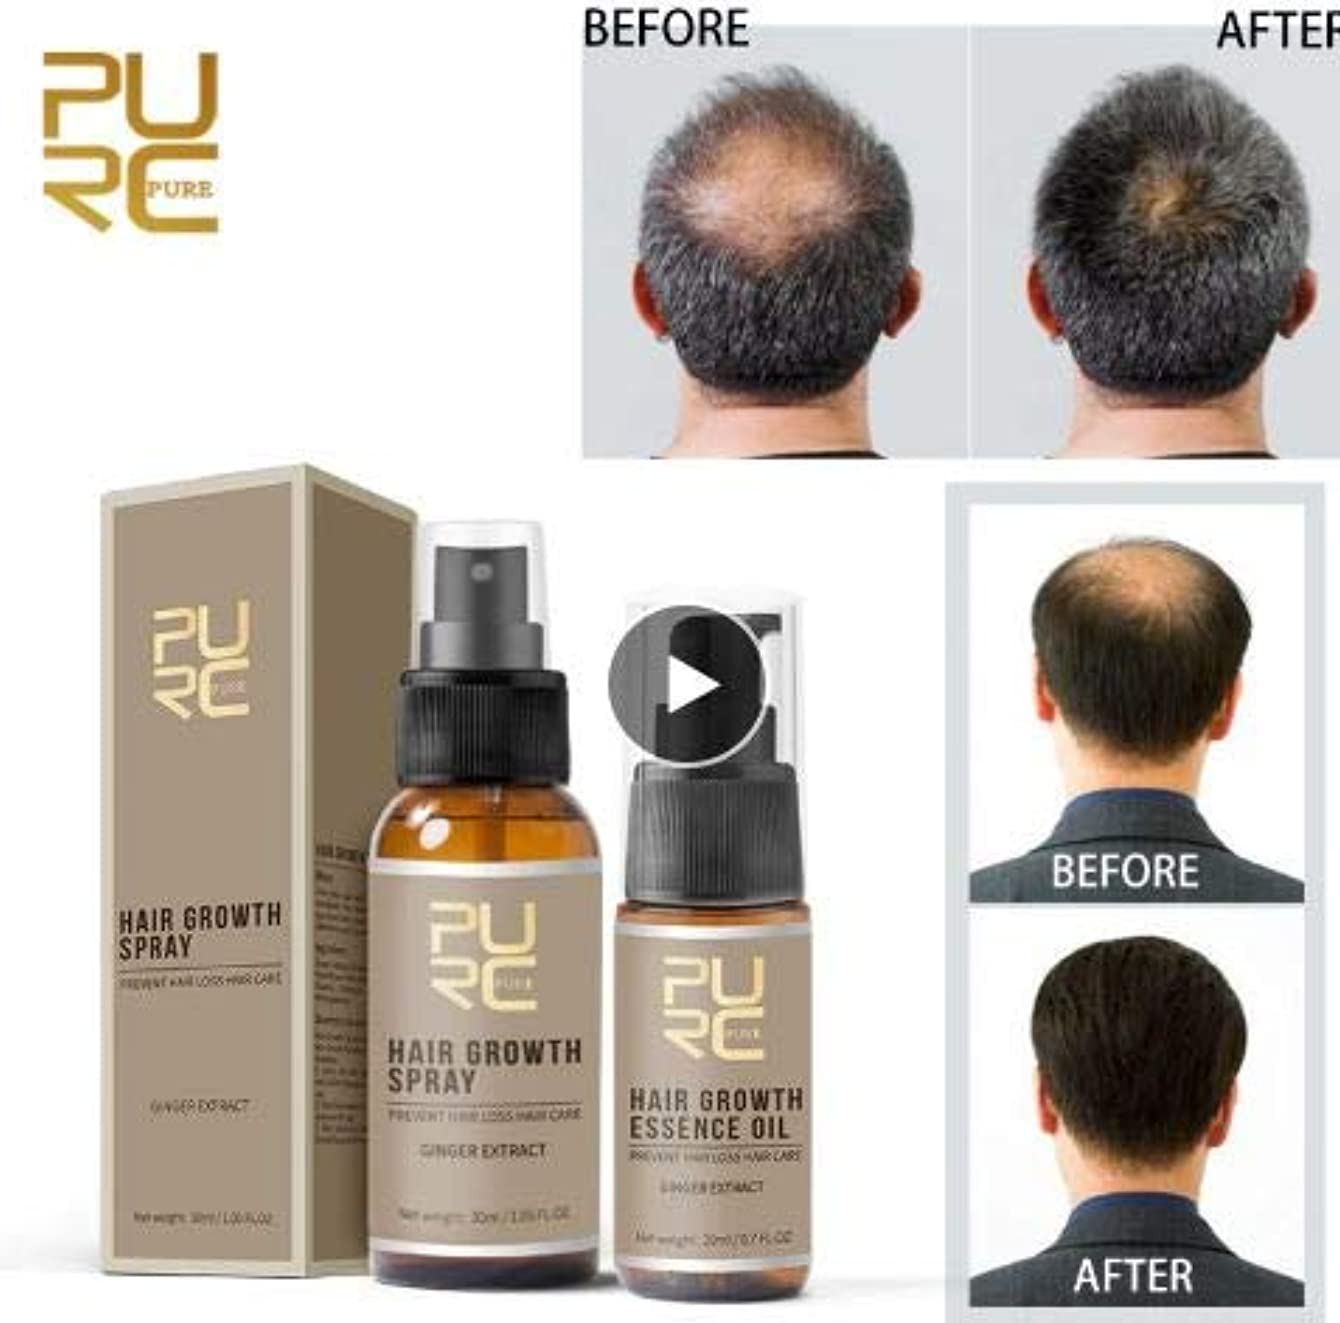 オーラル哲学冗長SET OF 2 - PURC Fast Growth and Care Hair Essence OIL + Hair Growth SPRAY - perfect hair care for Preventing Hair...